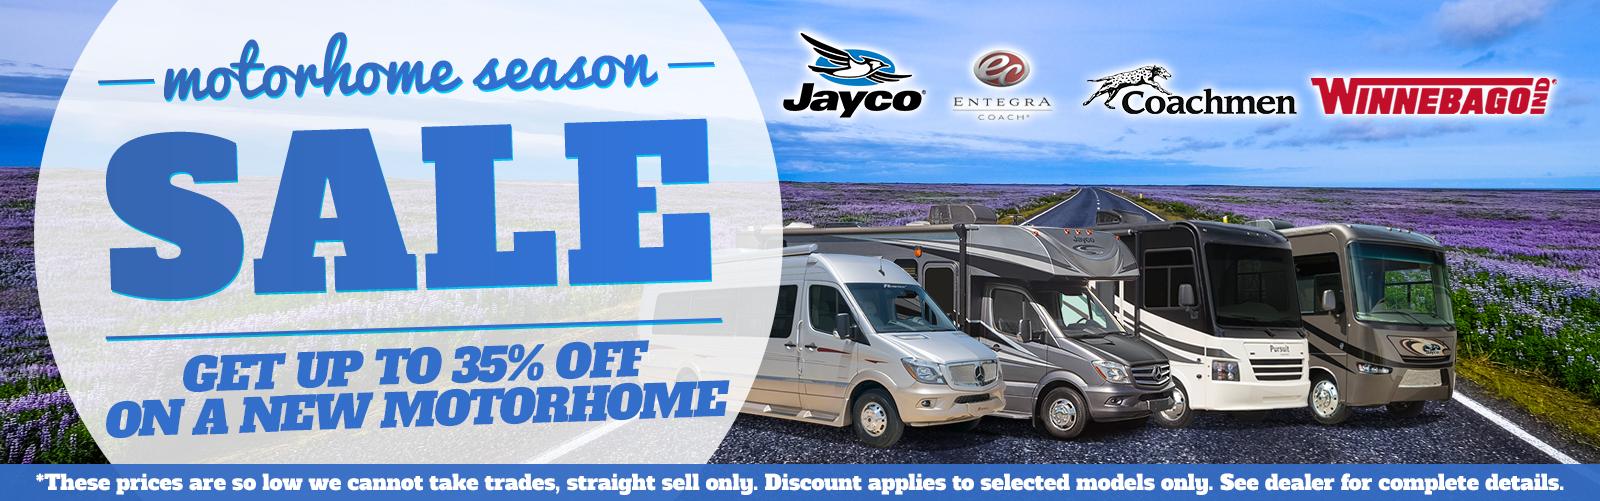 Bill Plemmons RV Motorhome Sale